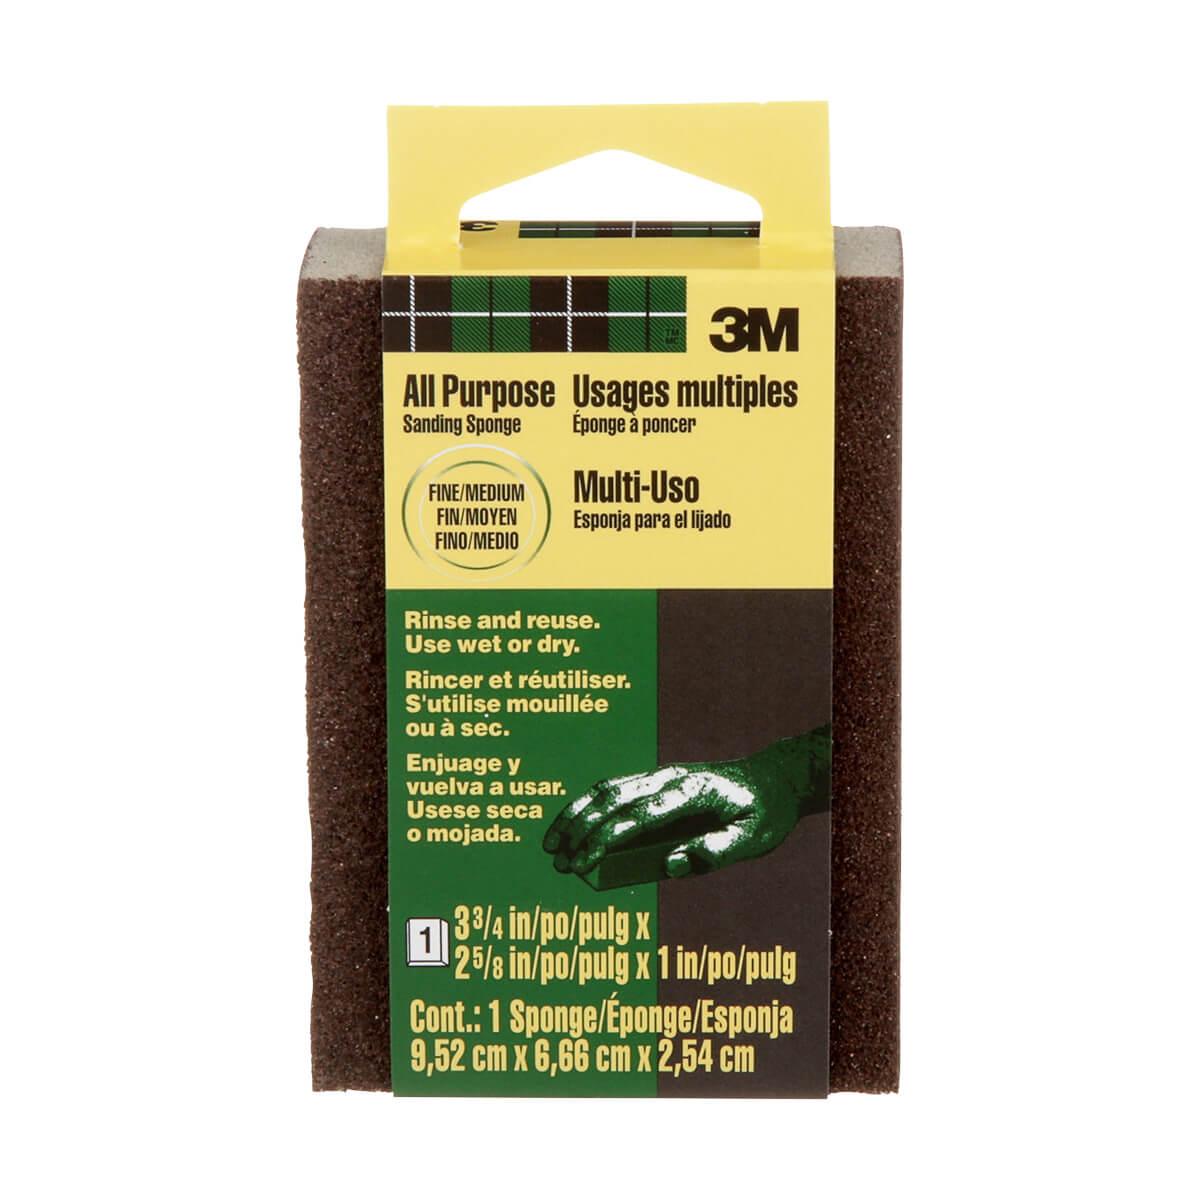 3M Sanding Sponge - Fine/Medium Grit